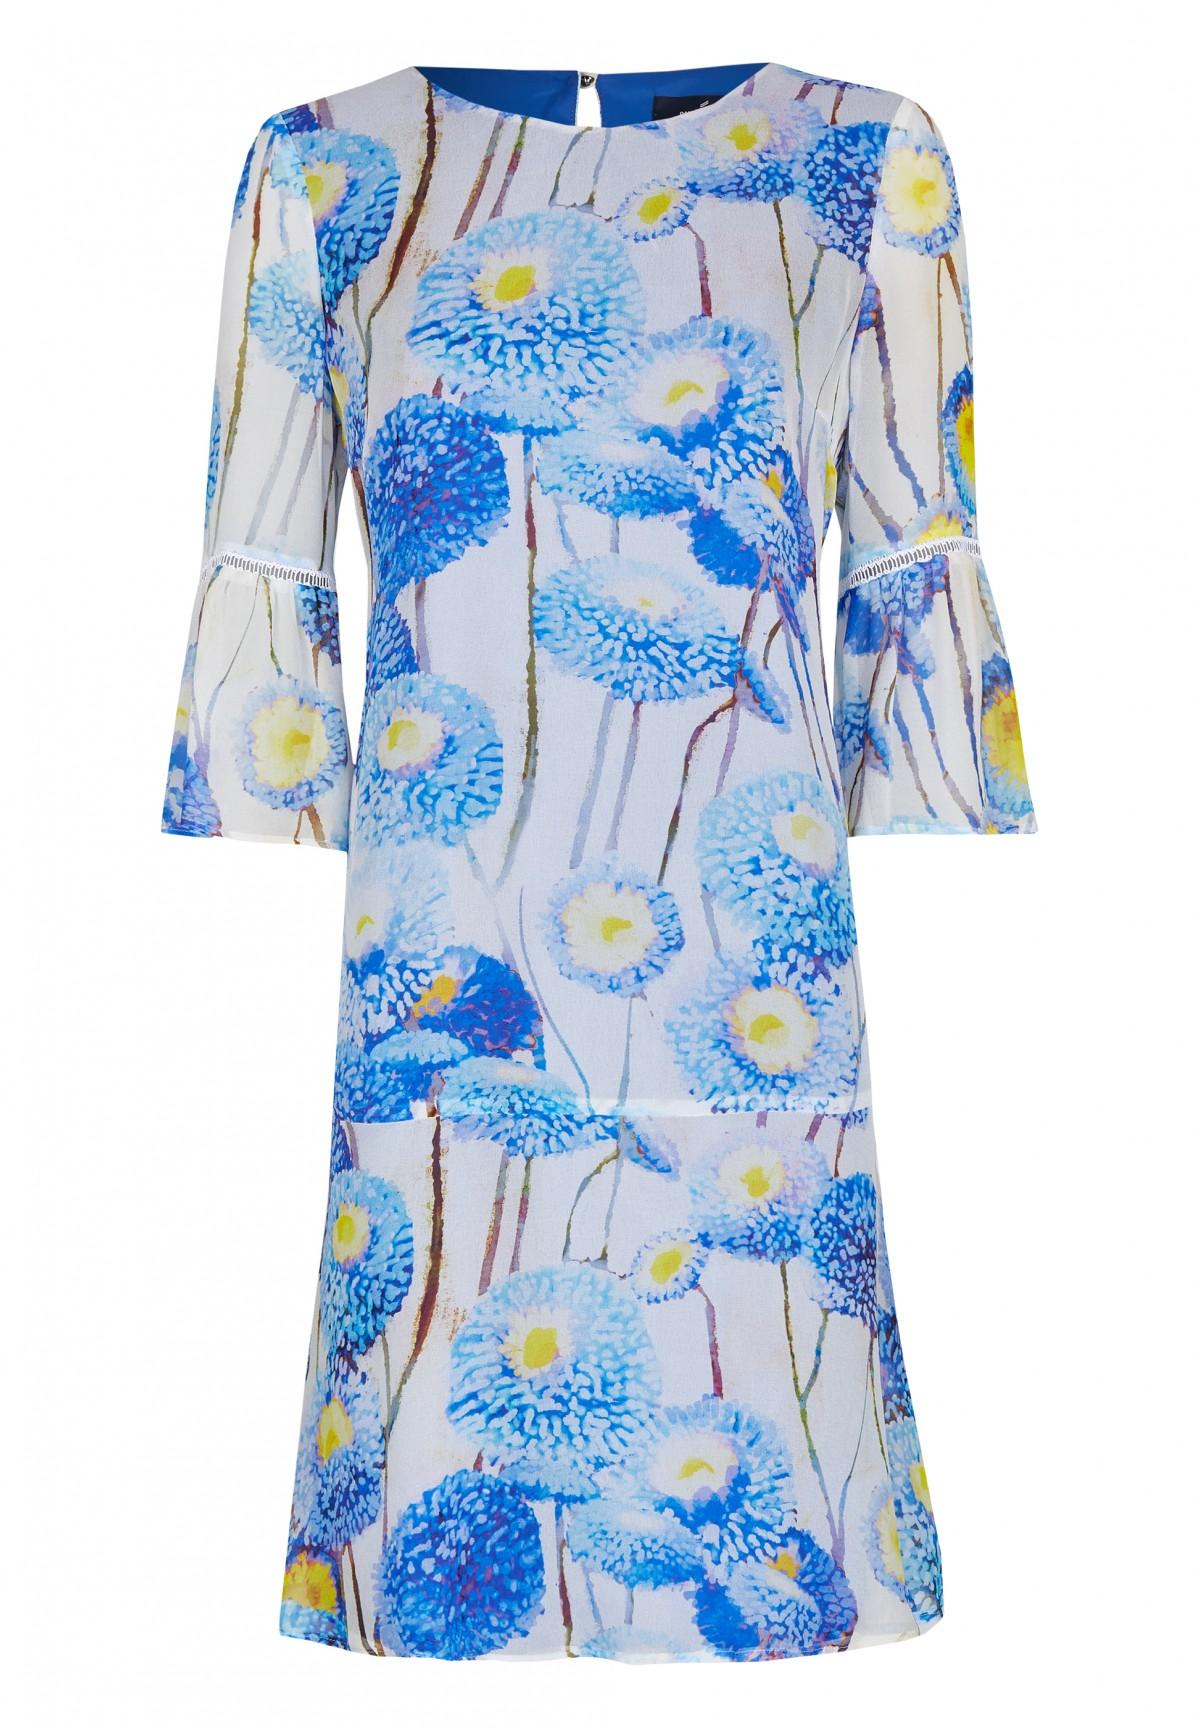 Modisches Kleid mit floralem Druck / Dress